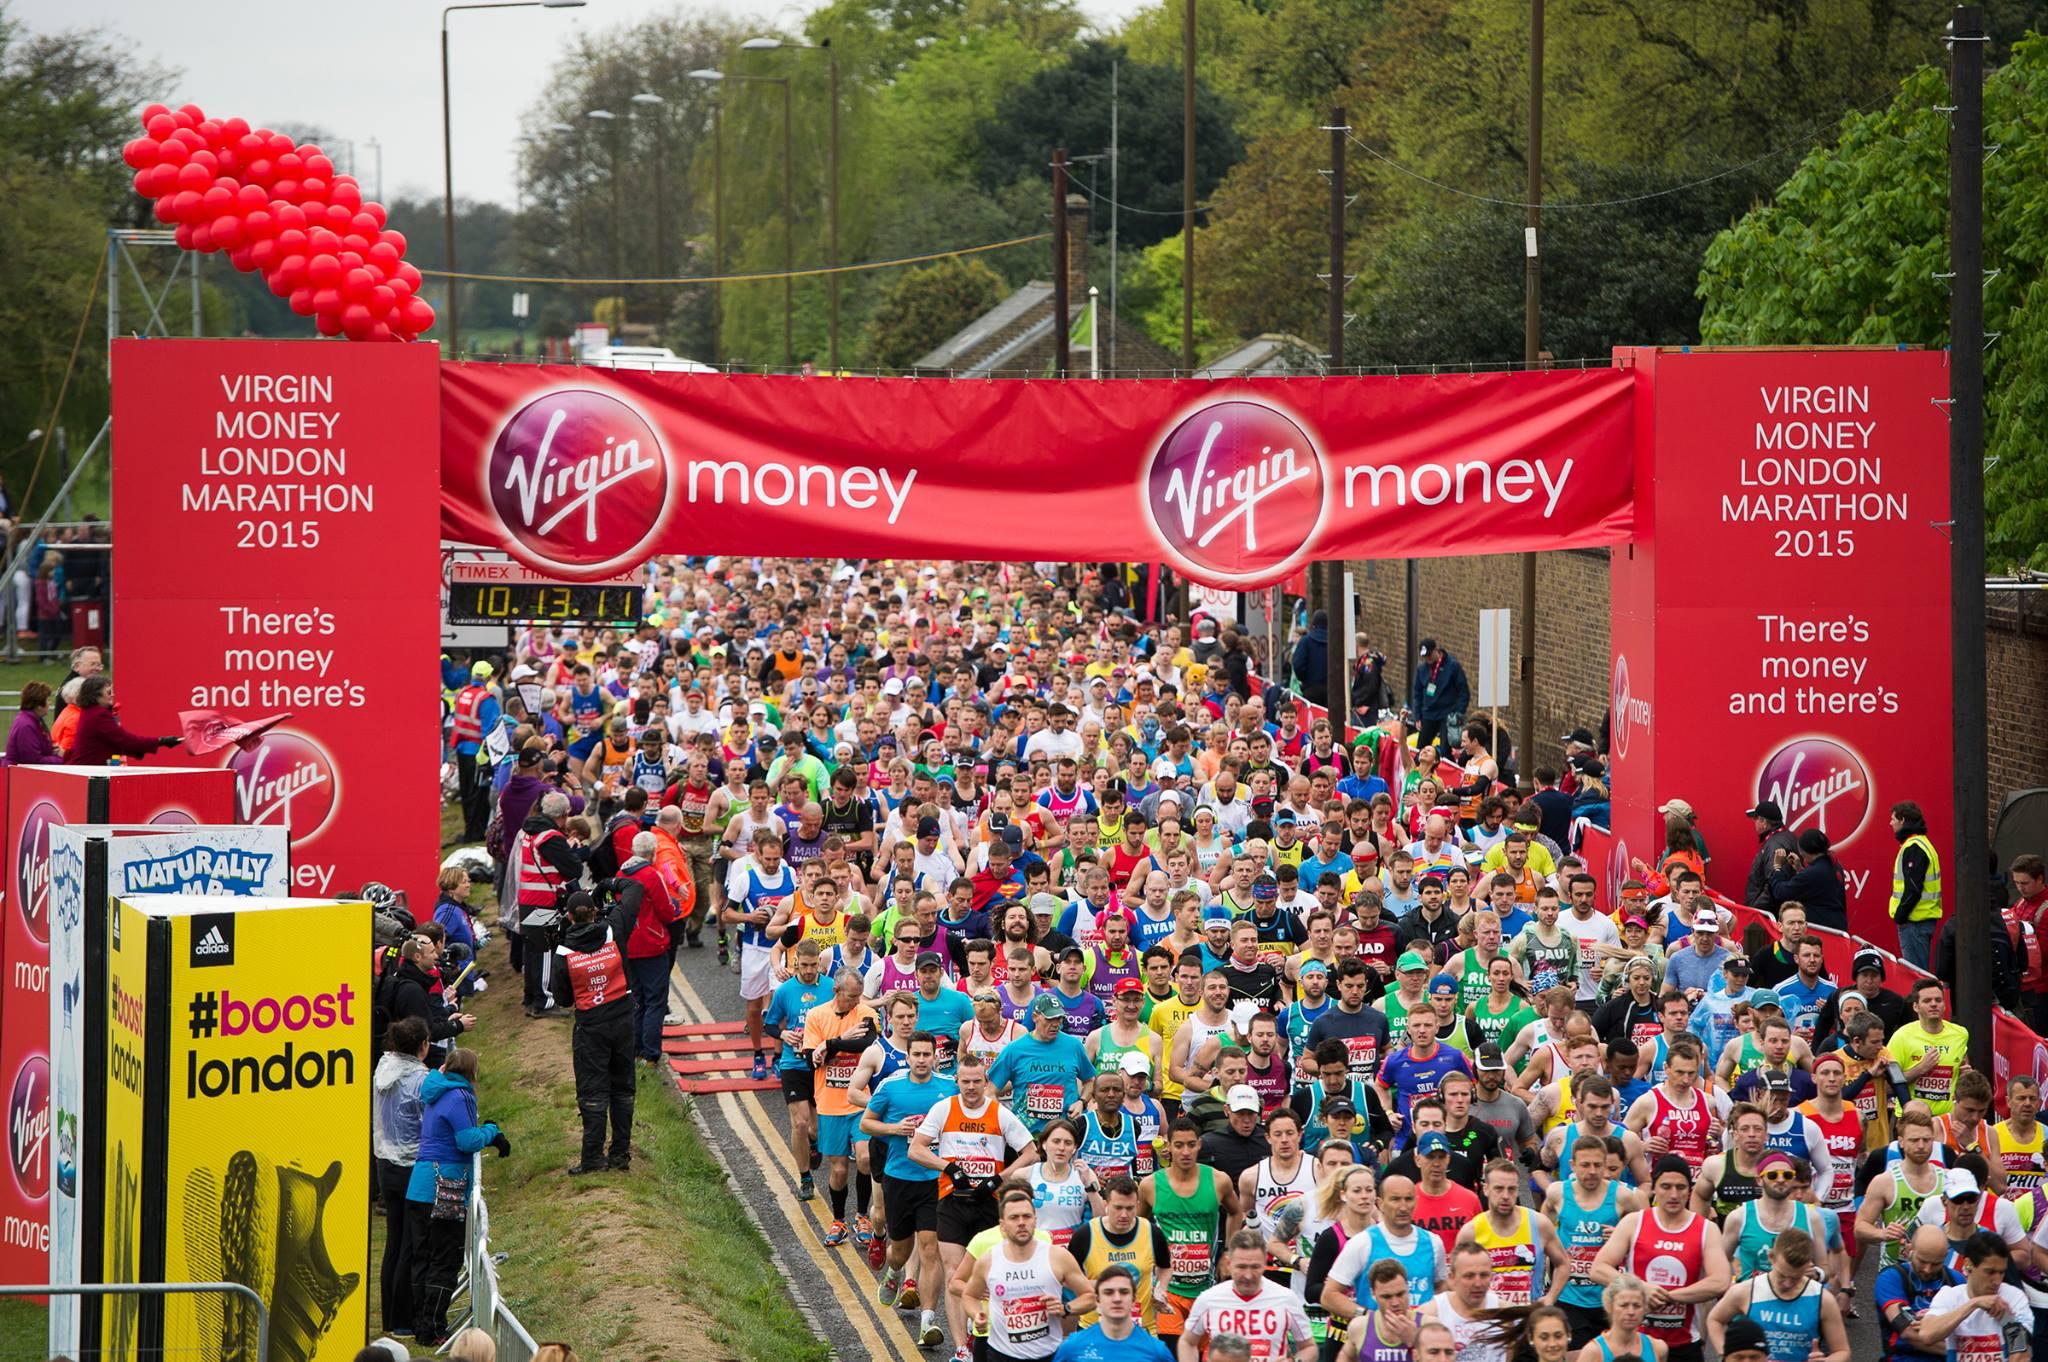 Marathon Start - Their Image.jpg